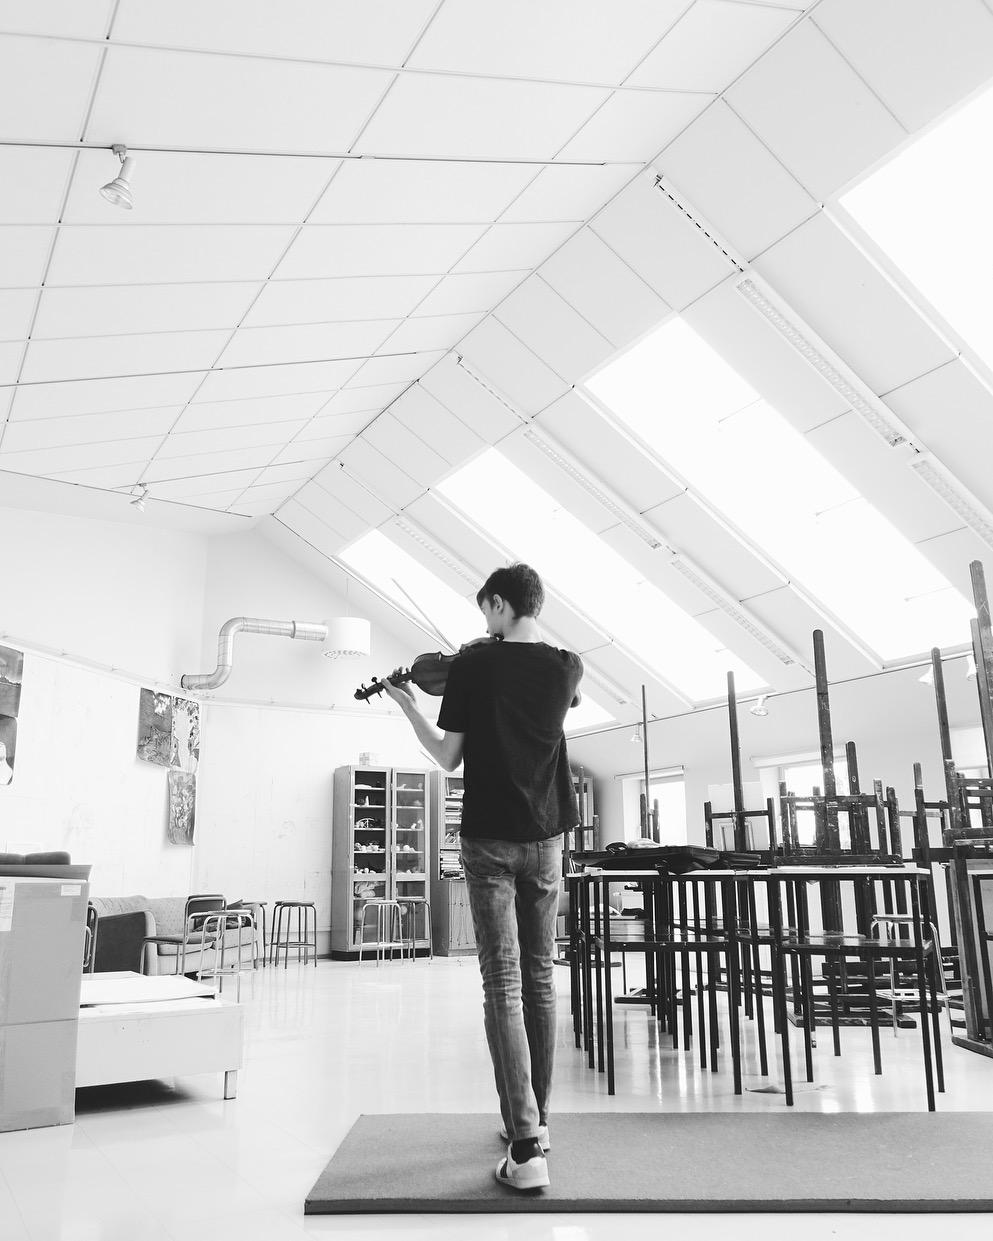 Top floor practice space in the Savonlinna Music School